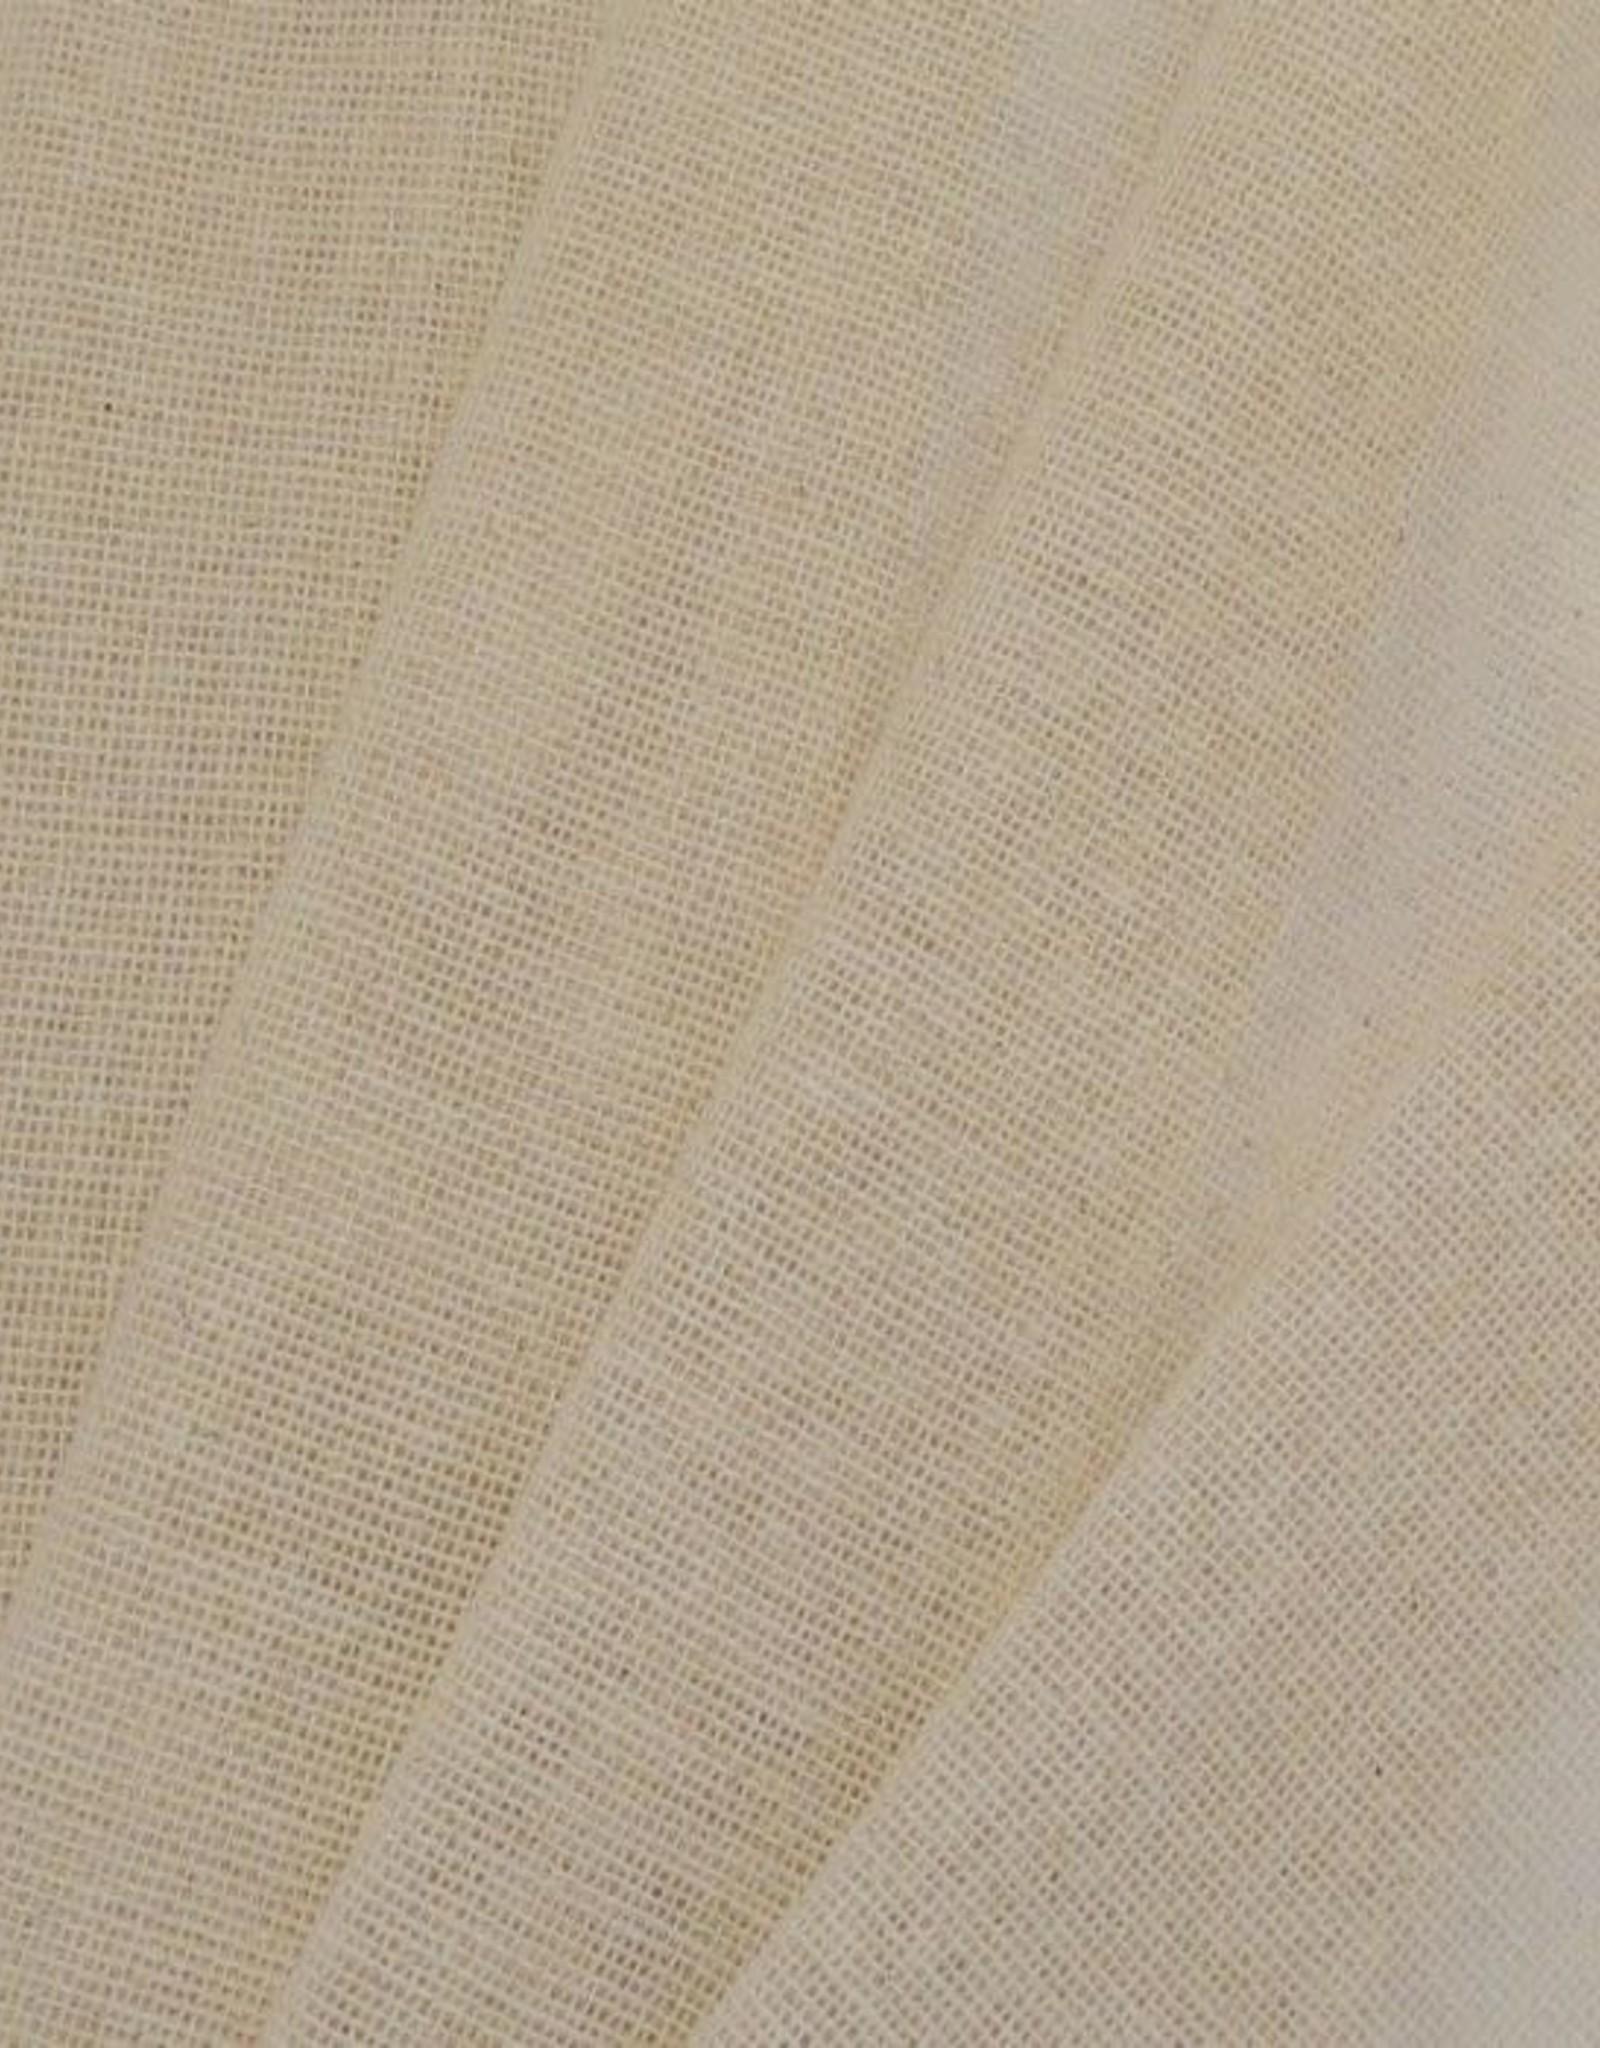 Onbehandelde Katoen Open Binding 150 cm breed